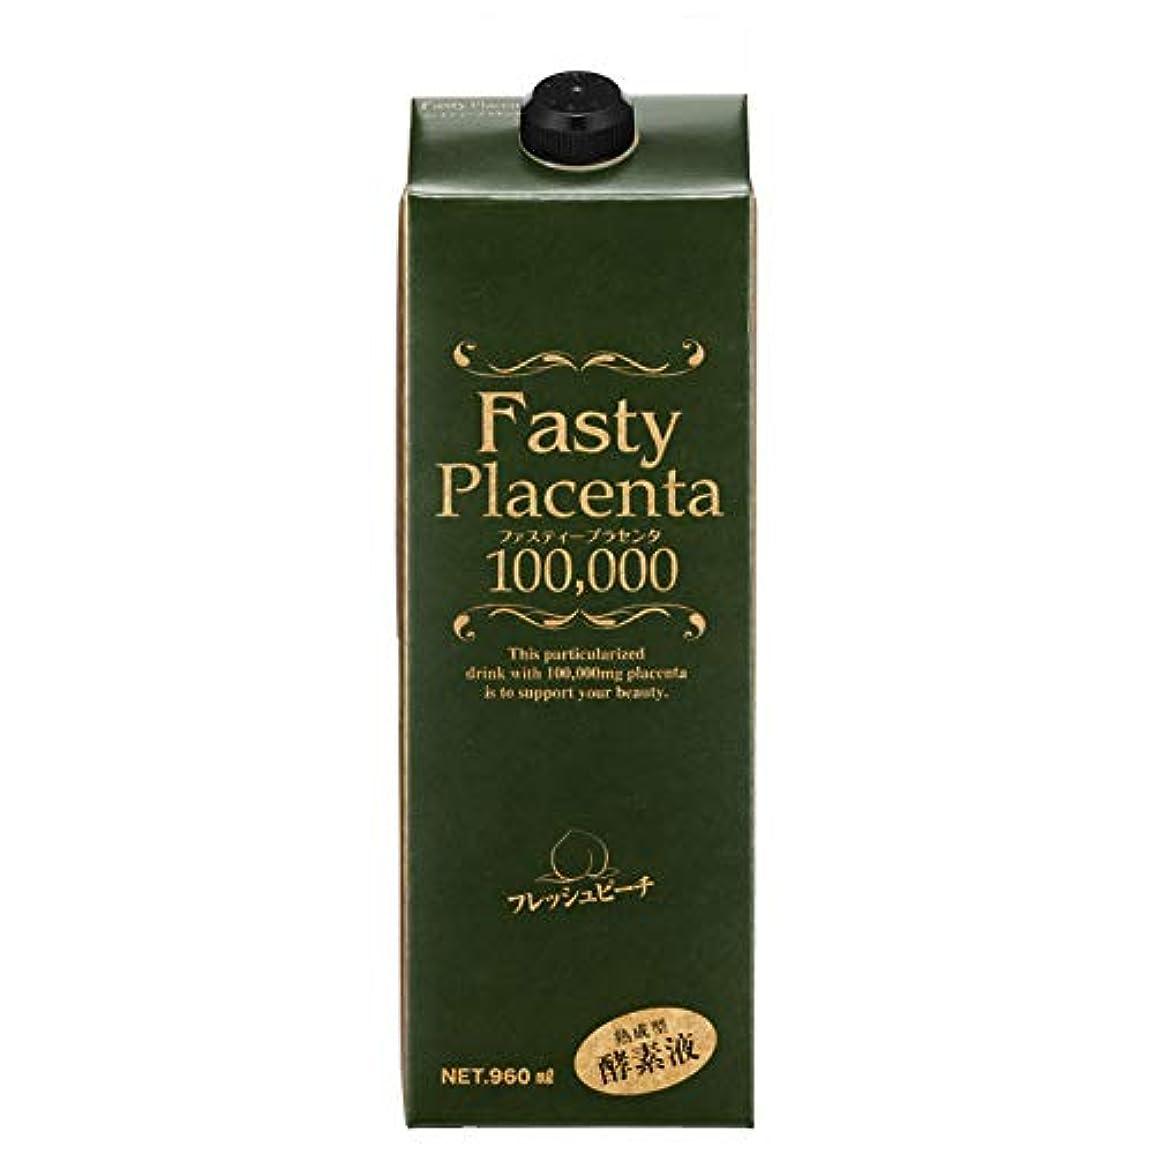 どこにでも宣言ソートファスティープラセンタ100,000 増量パック(フレッシュピーチ味)1個